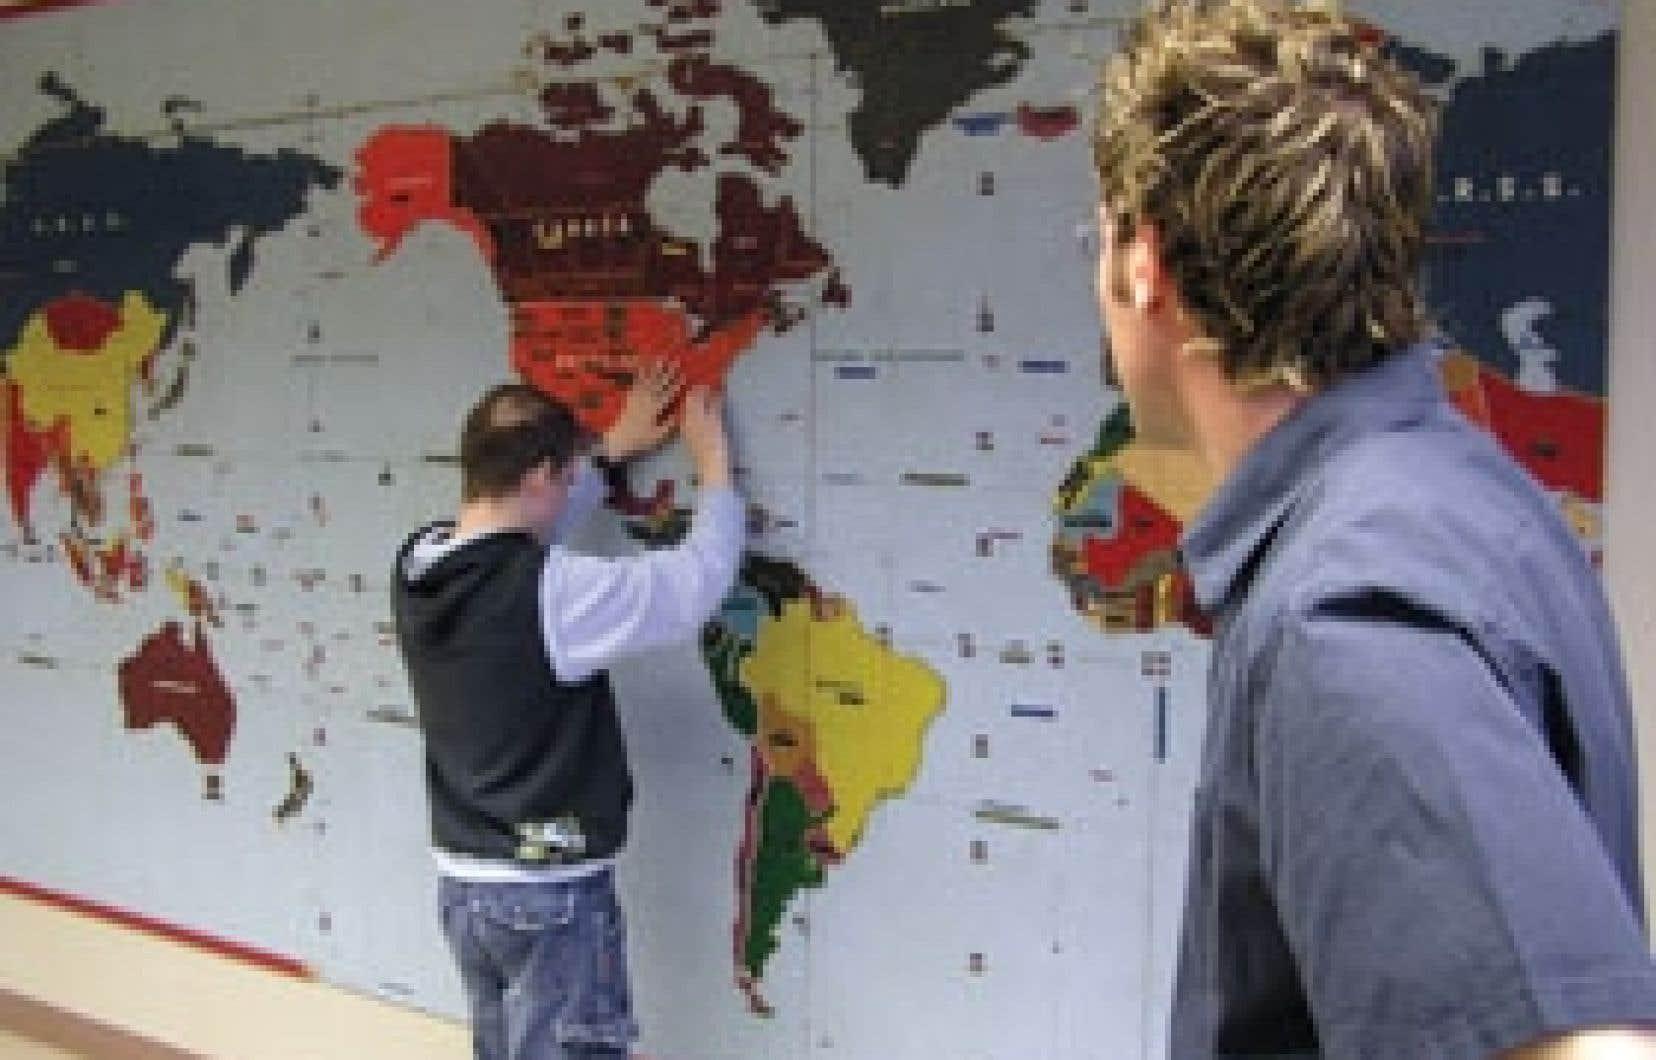 Établie à Longueuil, l'école Jacques-Ouellette accueille 80 élèves âgés de 4 à 21 ans.